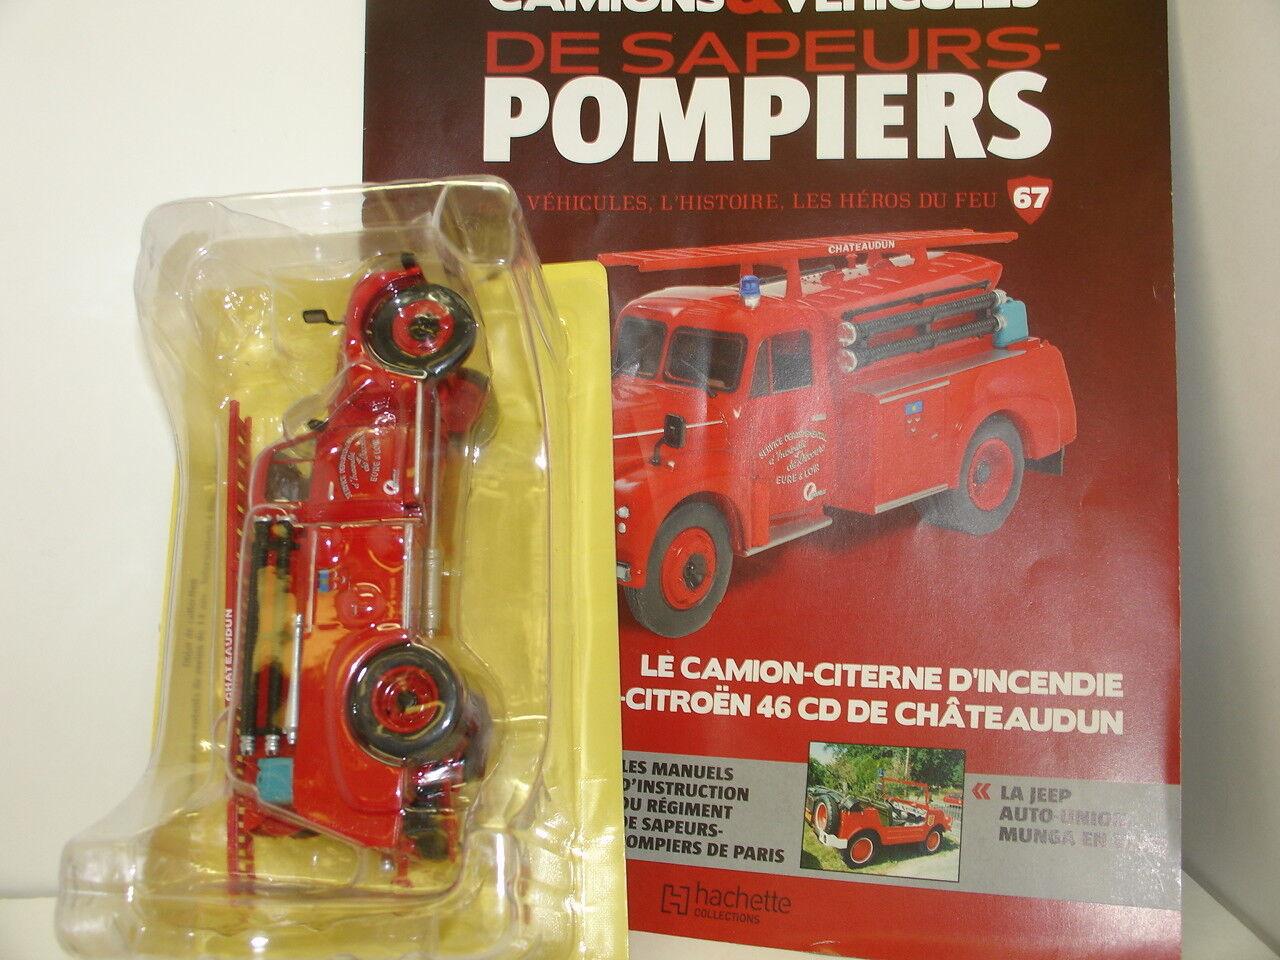 CAMIONS POMPIERS DROUVILLE -CITROEN 46 CD DE CHATEAUDUN N° 67